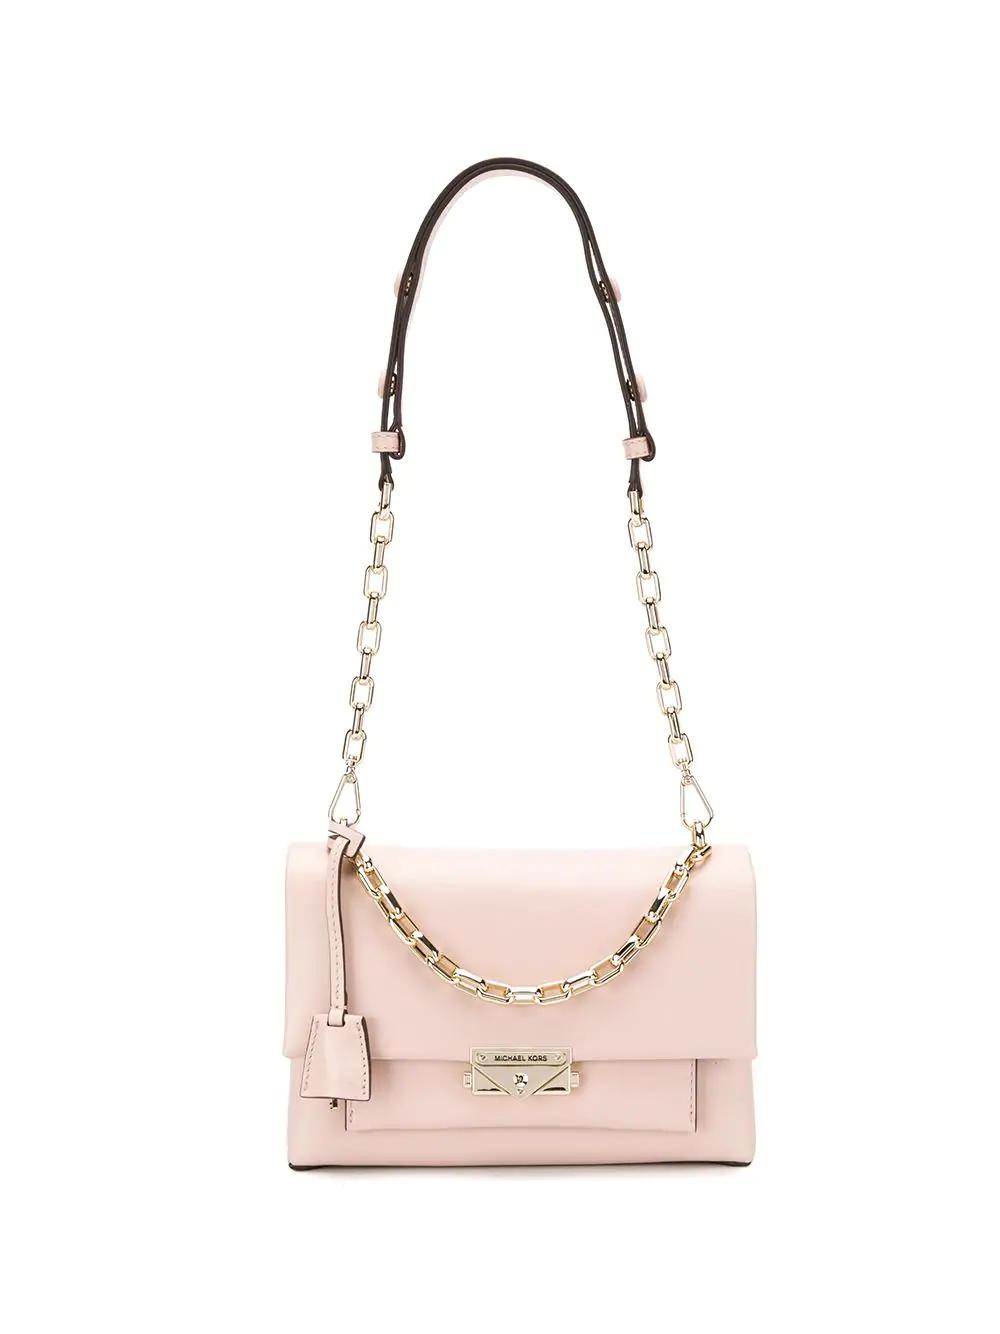 859f9fa5a024 Michael Michael Kors Cece Shoulder Bag - Pink